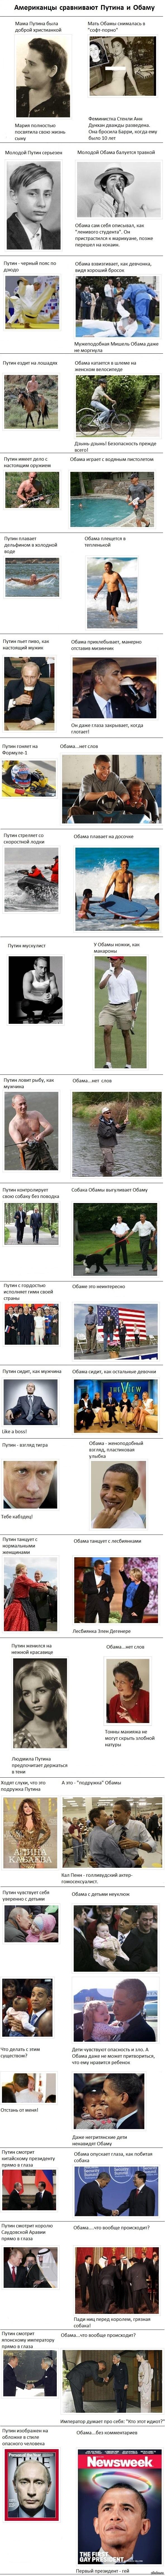 Американцы сравнивают Путина и Обаму Очень длиннопост. Перевод не мой. Оригинал здесь http://www.tomatobubble.com/putin_obama.html